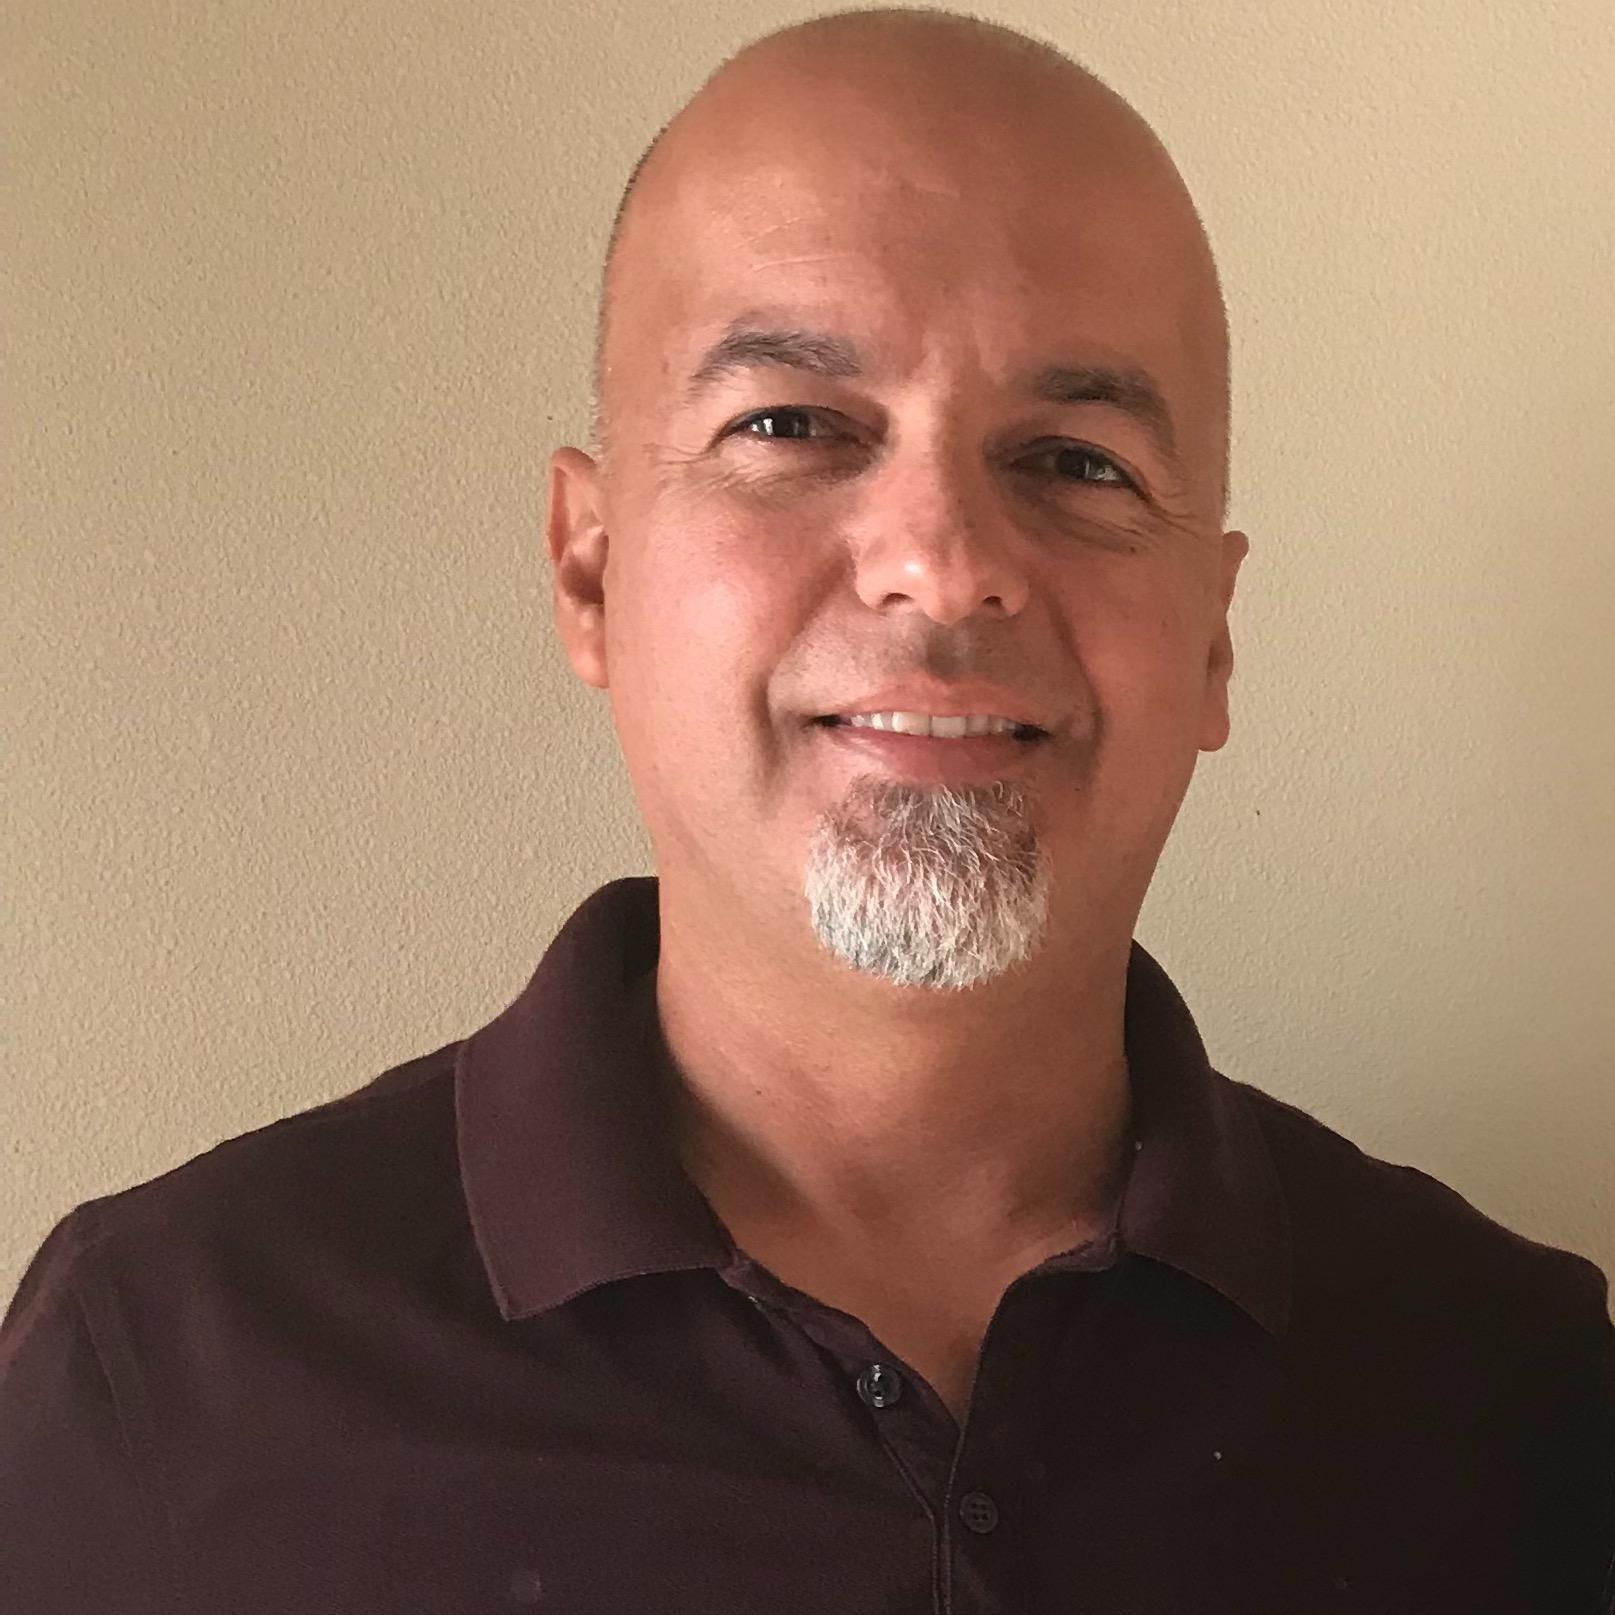 George R.